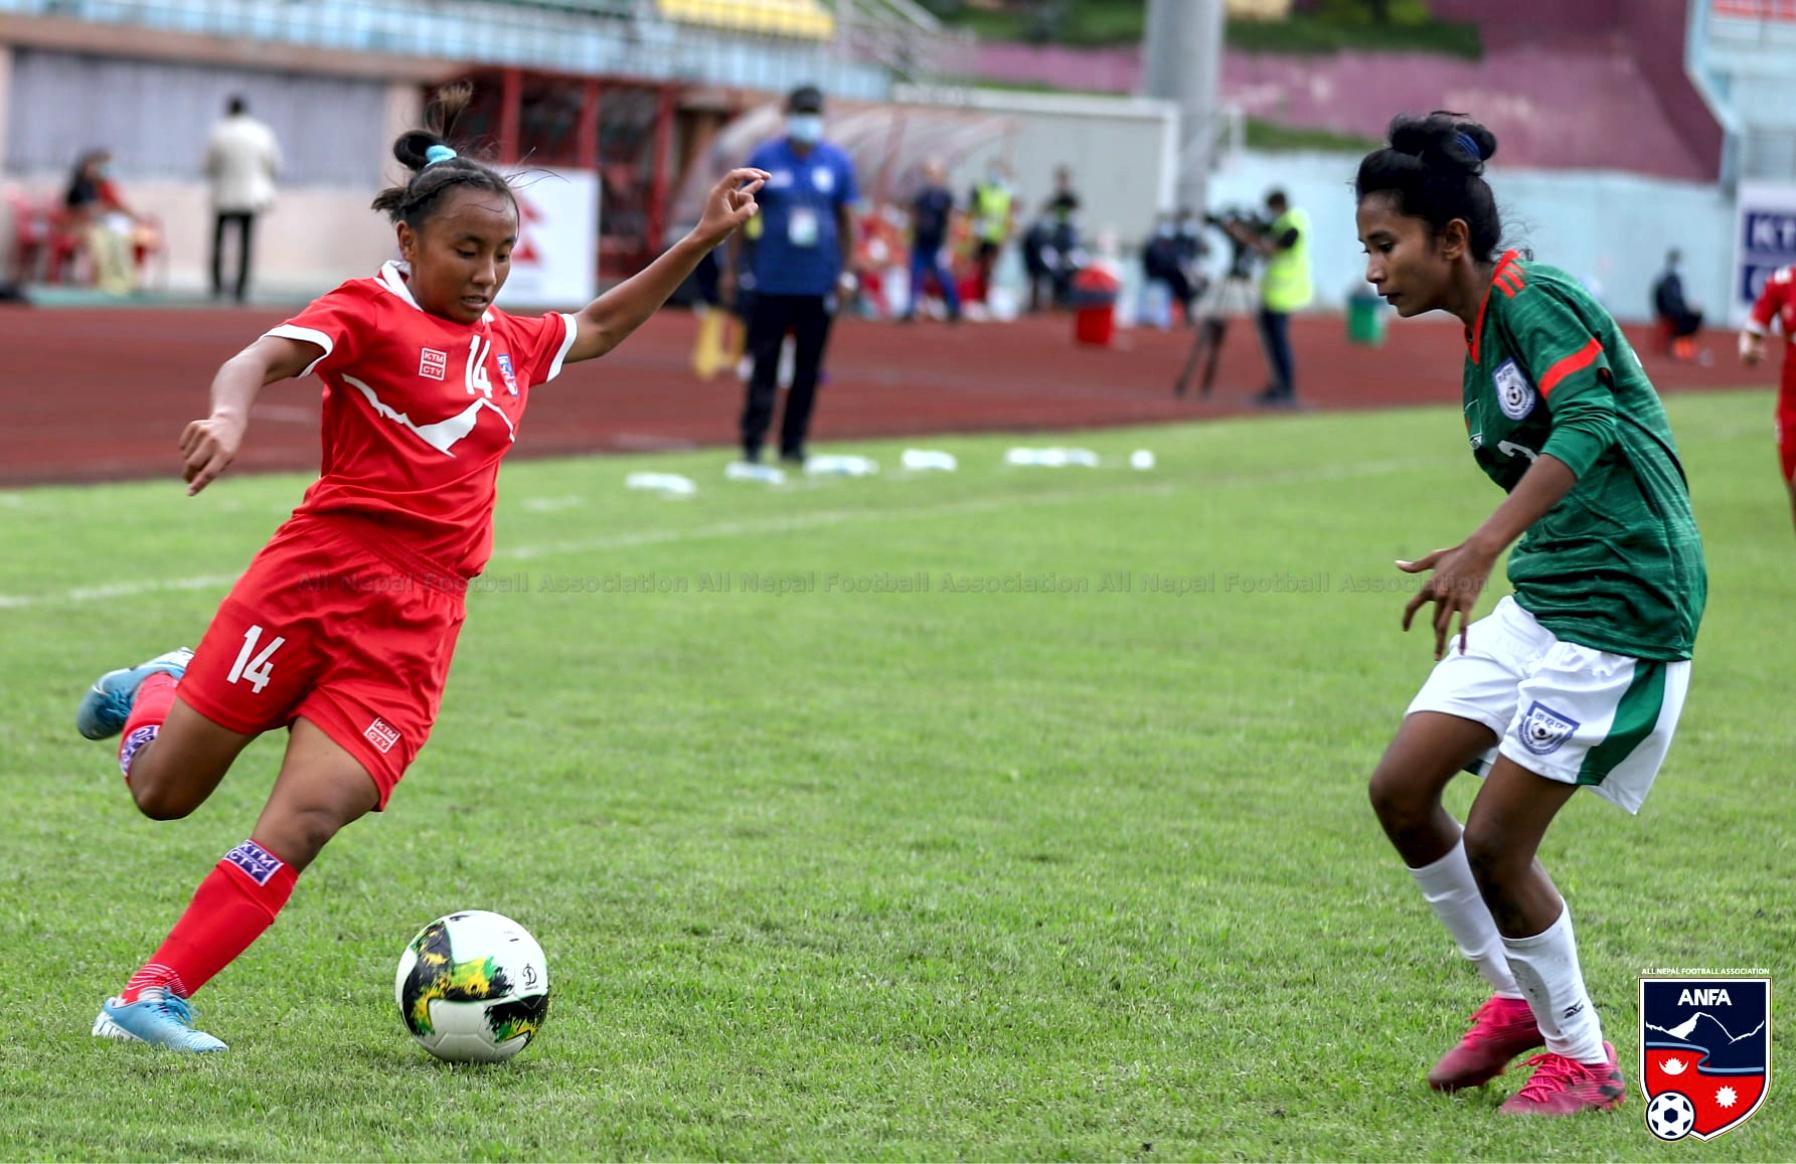 दोस्रो अन्तराष्ट्रिय मैत्रीपूर्ण खेलमा नेपाल बंगलादेशसँग बराबरीमा रोकियो